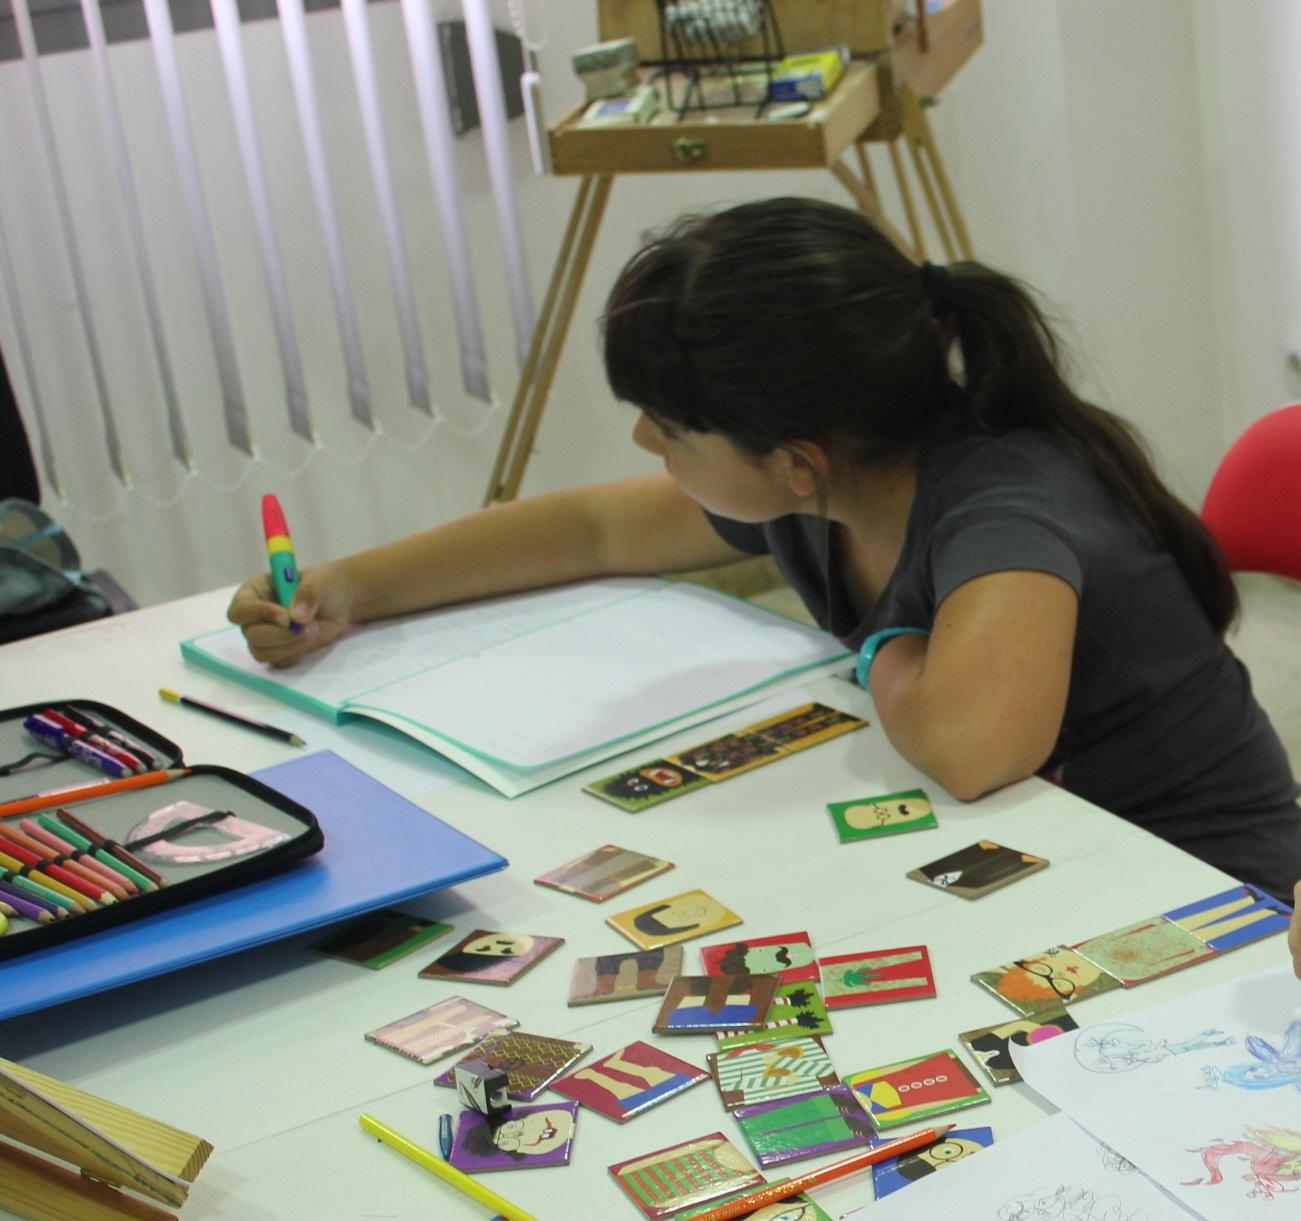 Taller de Creacin literaria: Adolescencia y Creatividad